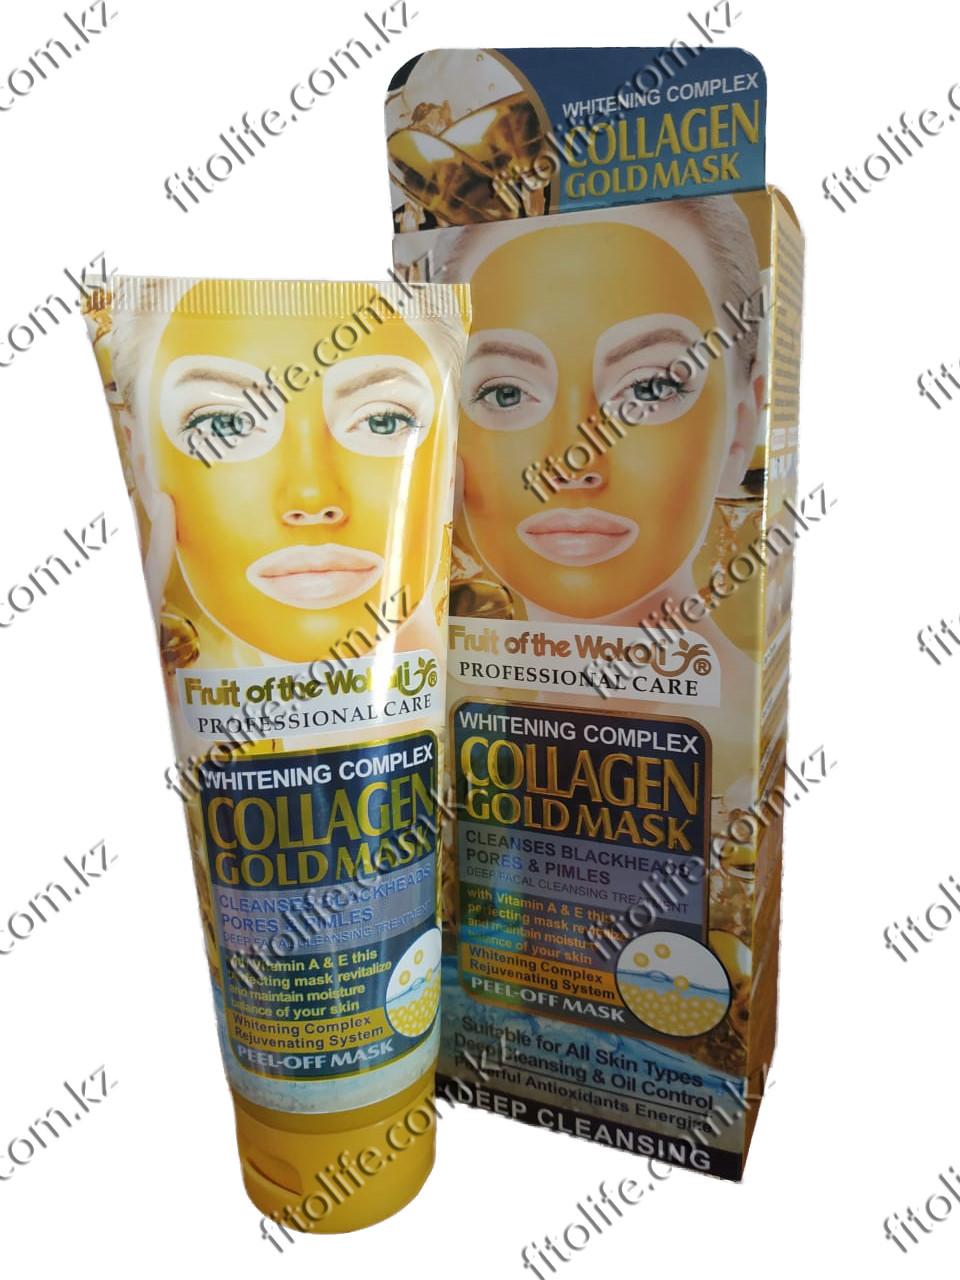 Золотая пилинг маска для лица, коллаген - фото 1